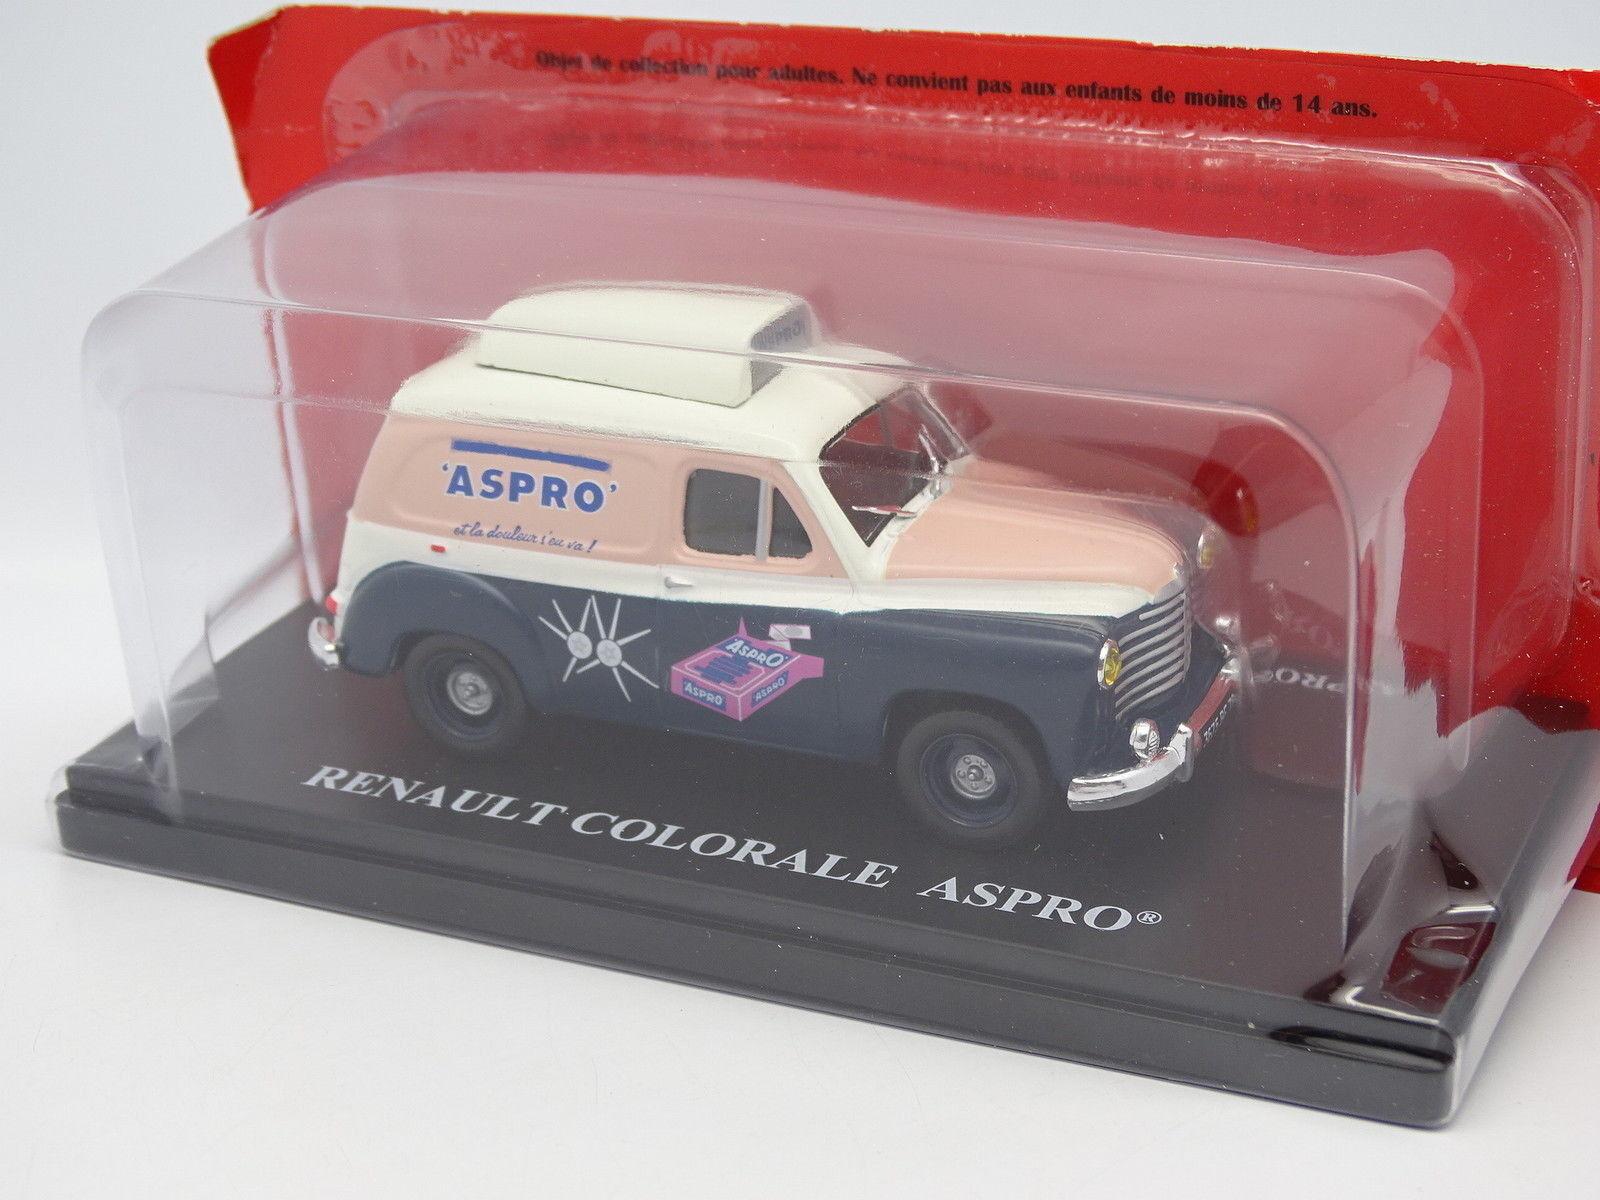 Ixo Press Adv 1 43 - Renault colorale Aspro